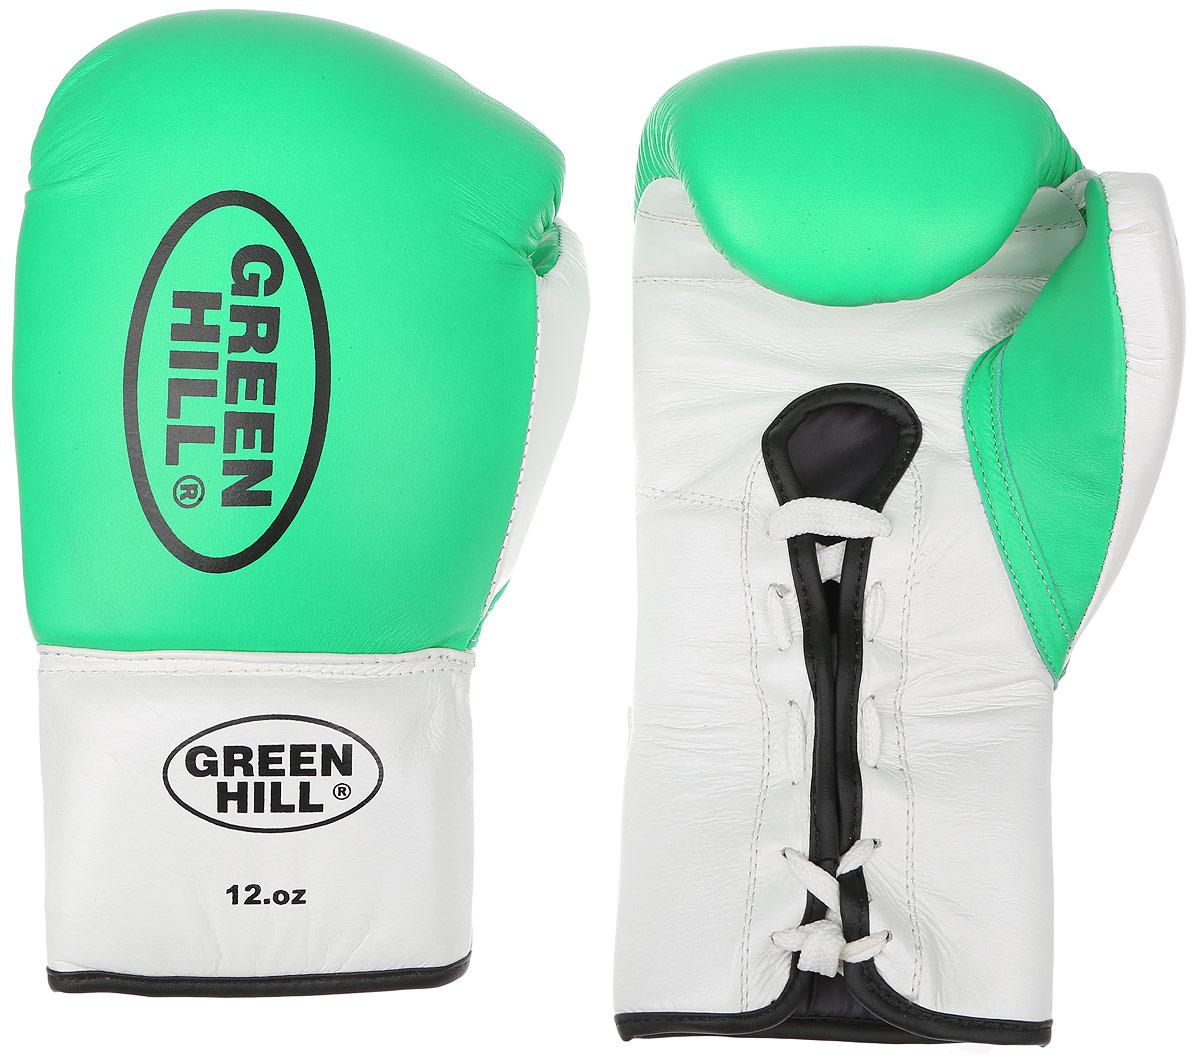 Перчатки боксерские Green Hill Proffi, цвет: зеленый, белый, черный. Вес 12 унций. BGP-2014BGP-2014Боксерские перчатки Green Hill Proffi предназначены для использования профессионалами. Верх выполнен из натуральной кожи, наполнитель - из вспененного полимера. Отверстие в области ладони позволяет создать максимально комфортный терморежим во время занятий. Манжет на шнуровке способствует быстрому и удобному надеванию перчаток, плотно фиксирует перчатки на руке.